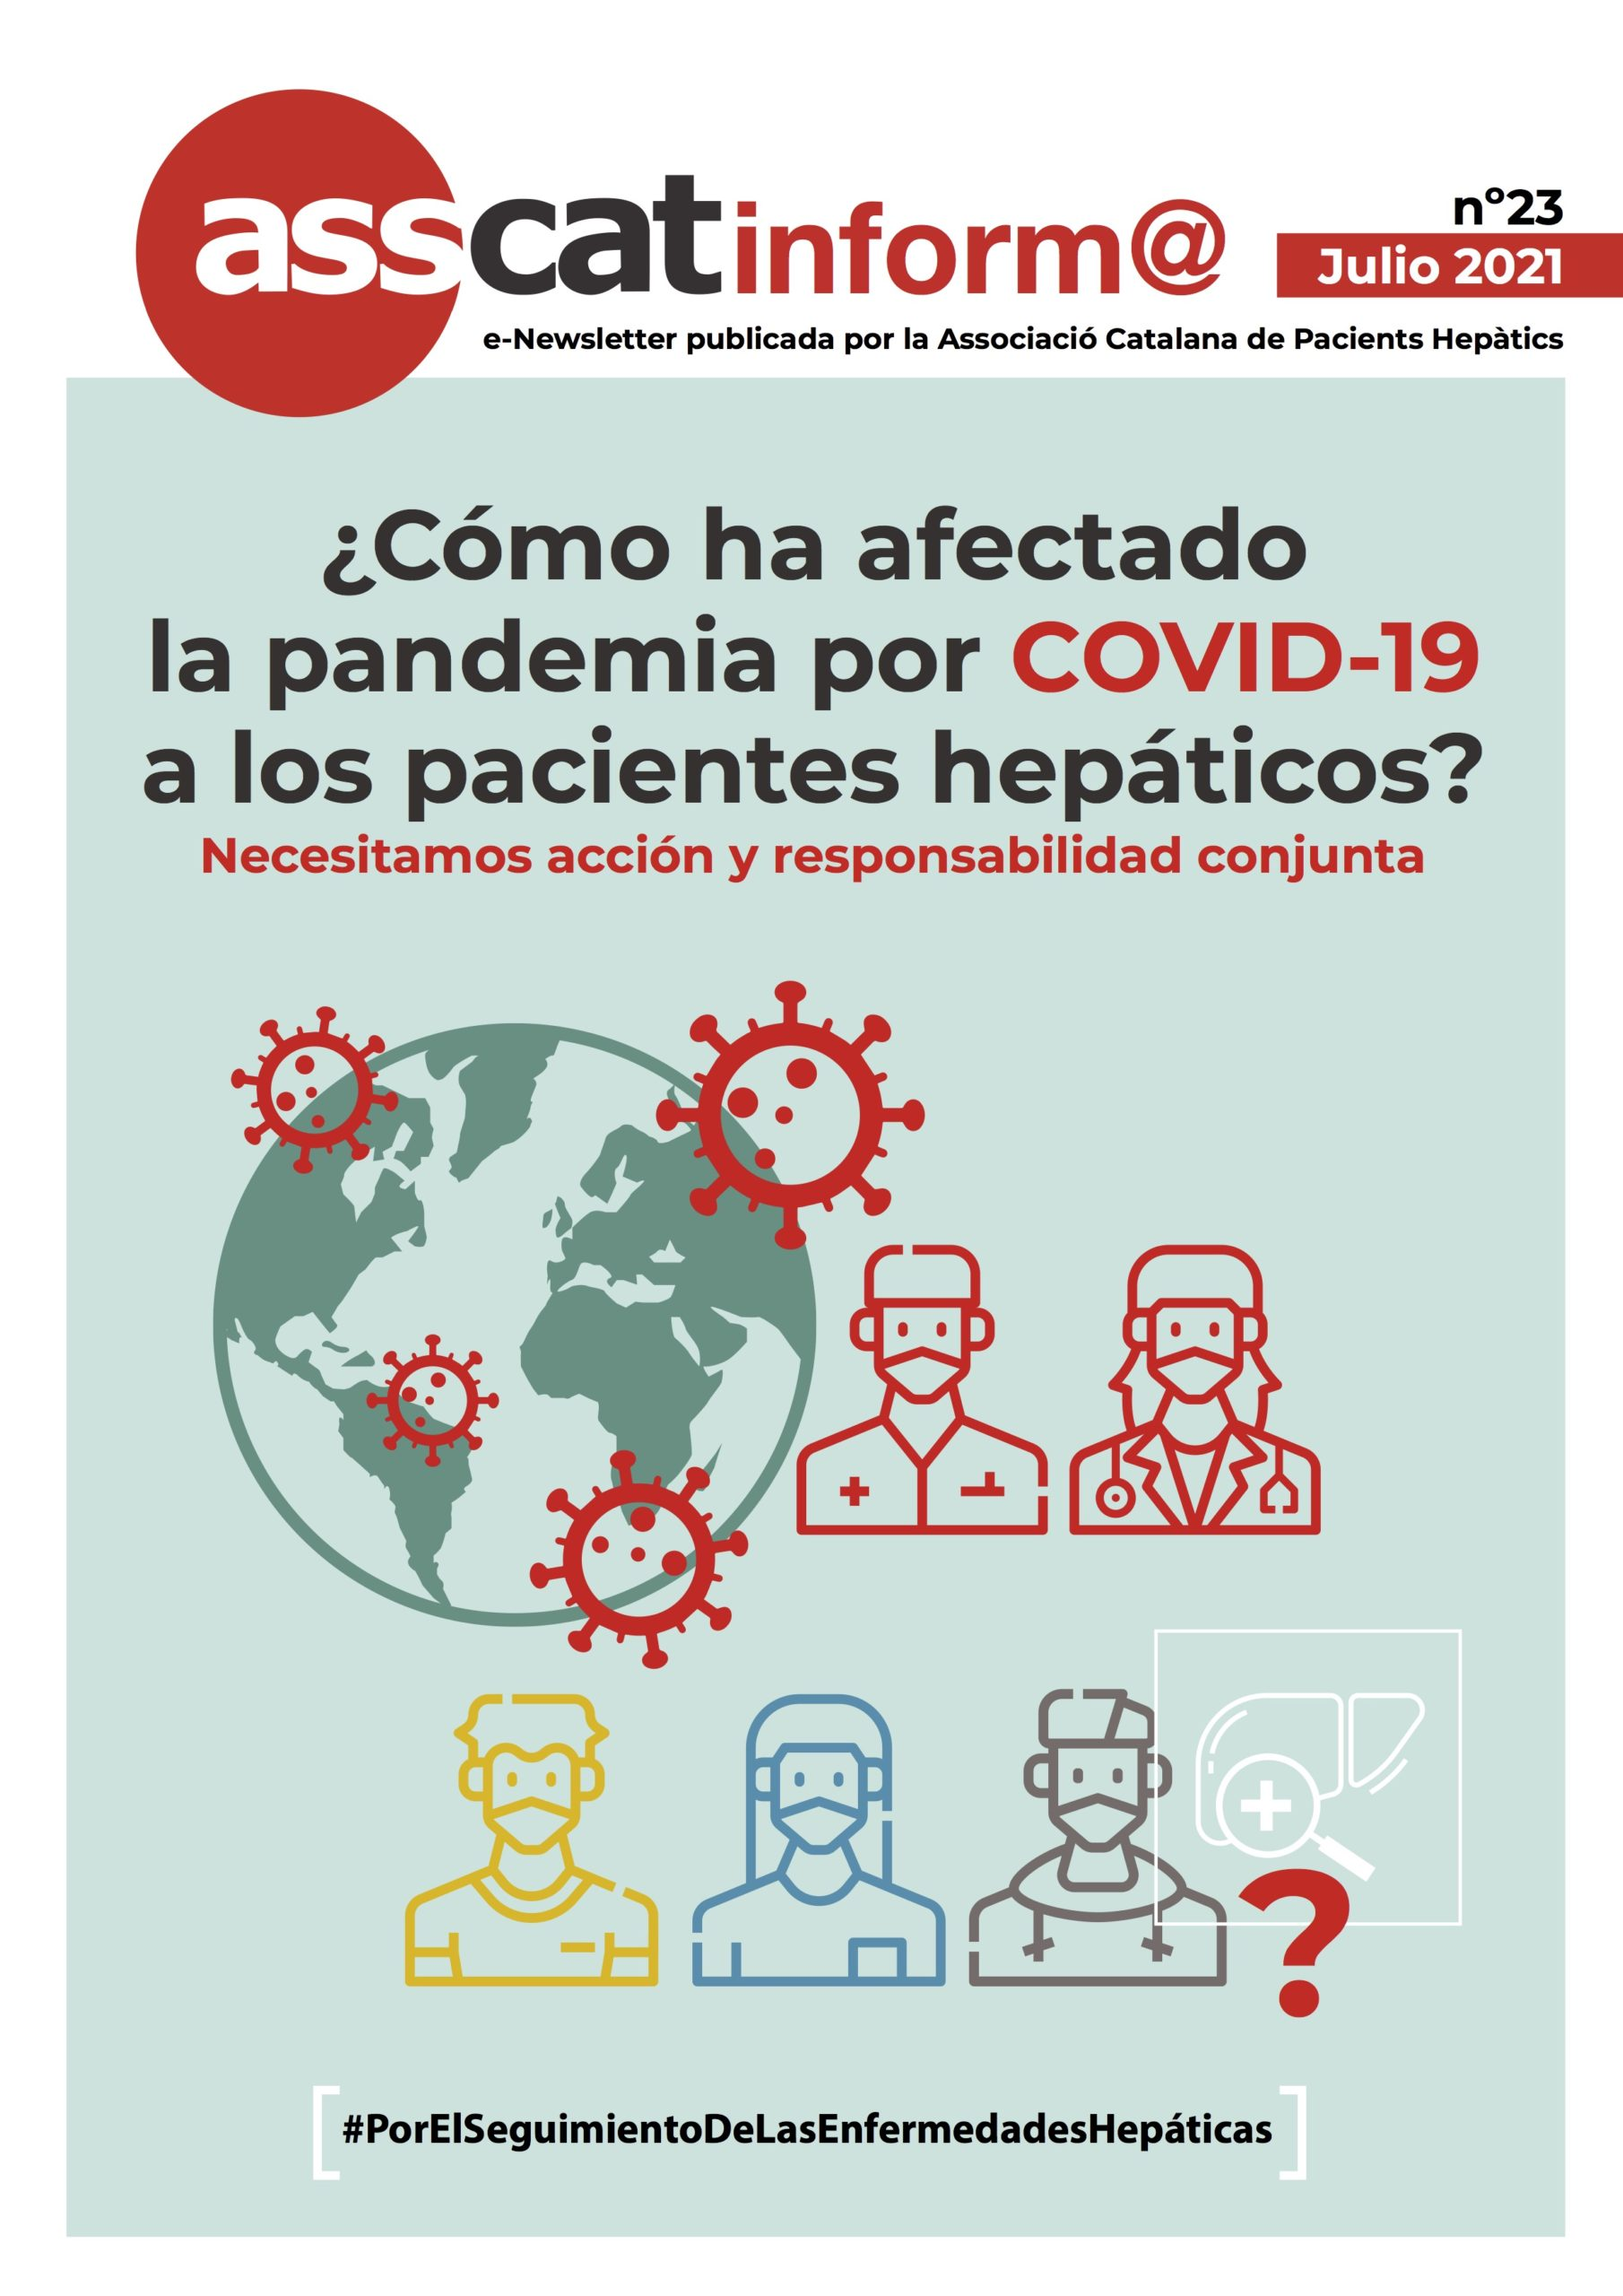 Revista digital asscatinform@ número 23